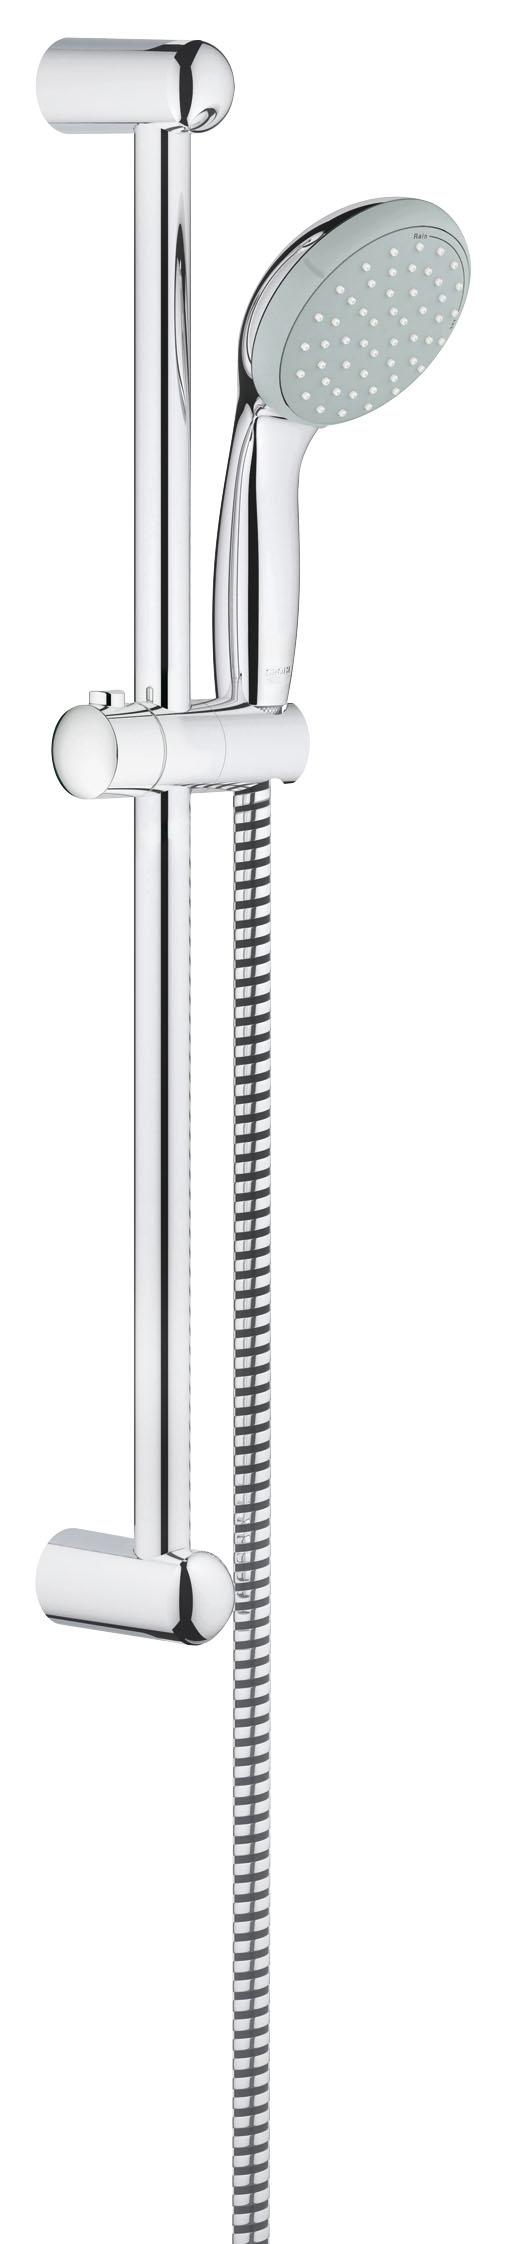 Душевой комплект GROHE Tempesta Classic II (27598000)27598000GROHE New Tempesta 100: душевой гарнитур со штангой длиной 600 мм и душевой головкой диаметром 100 мм с двумя режимами струи Этот стильный гарнитур, состоящий из ручного душа серии GROHE New Tempesta, душевой штанги и душевого шланга, станет идеальным выбором для модернизации Вашей ванной комнаты. Благодаря сияющему хромированному покрытию GROHE StarLight и таким практичным особенностям, как силиконовое кольцо ShockProof для защиты ручного душа от повреждений при падении, данный гарнитур воплощает собой великолепное сочетание дизайна и функциональности. Форсунки душевой головки изготовлены по технологии SpeedClean и легко очищаются от известкового налета легким протиранием. Это позволит Вам тратить меньше времени на уборку, а больше – на то, чтобы наслаждаться расслабляющим душем в стиле спа с двумя режимами струи – расслабляющим Rain, напоминающим теплый летний дождь, или интенсивным Jet, помогающим взбодриться. И в том, и в другом режиме технология GROHE DreamSpray обеспечивает равномерность потока воды.Особенности:Включает в себя: Ручной душ (27 597 000) Душевая штанга, 600 мм (27 523 000) Душевой шланг Relexaflex 1750 мм 1/2? x 1/2? (28 154 000) GROHE DreamSpray превосходный поток воды GROHE StarLight хромированная поверхностьС системой SpeedClean против известковых отложений Внутренний охлаждающий канал для продолжительного срока службы ShockProof силиконовое кольцо, предотвращающееПовреждение поверхности при падении ручного душа Может использоваться с проточным водонагревателемВидео по установке является исключительно информационным. Установка должна проводиться профессионалами! Характеристики: Материал: ABS-пластик, металл. Высота штанги: 60 см. Длина шланга: 175 см. Размер упаковки: 68 см х 15 см х 7,5 см. Артикул: 27598000.